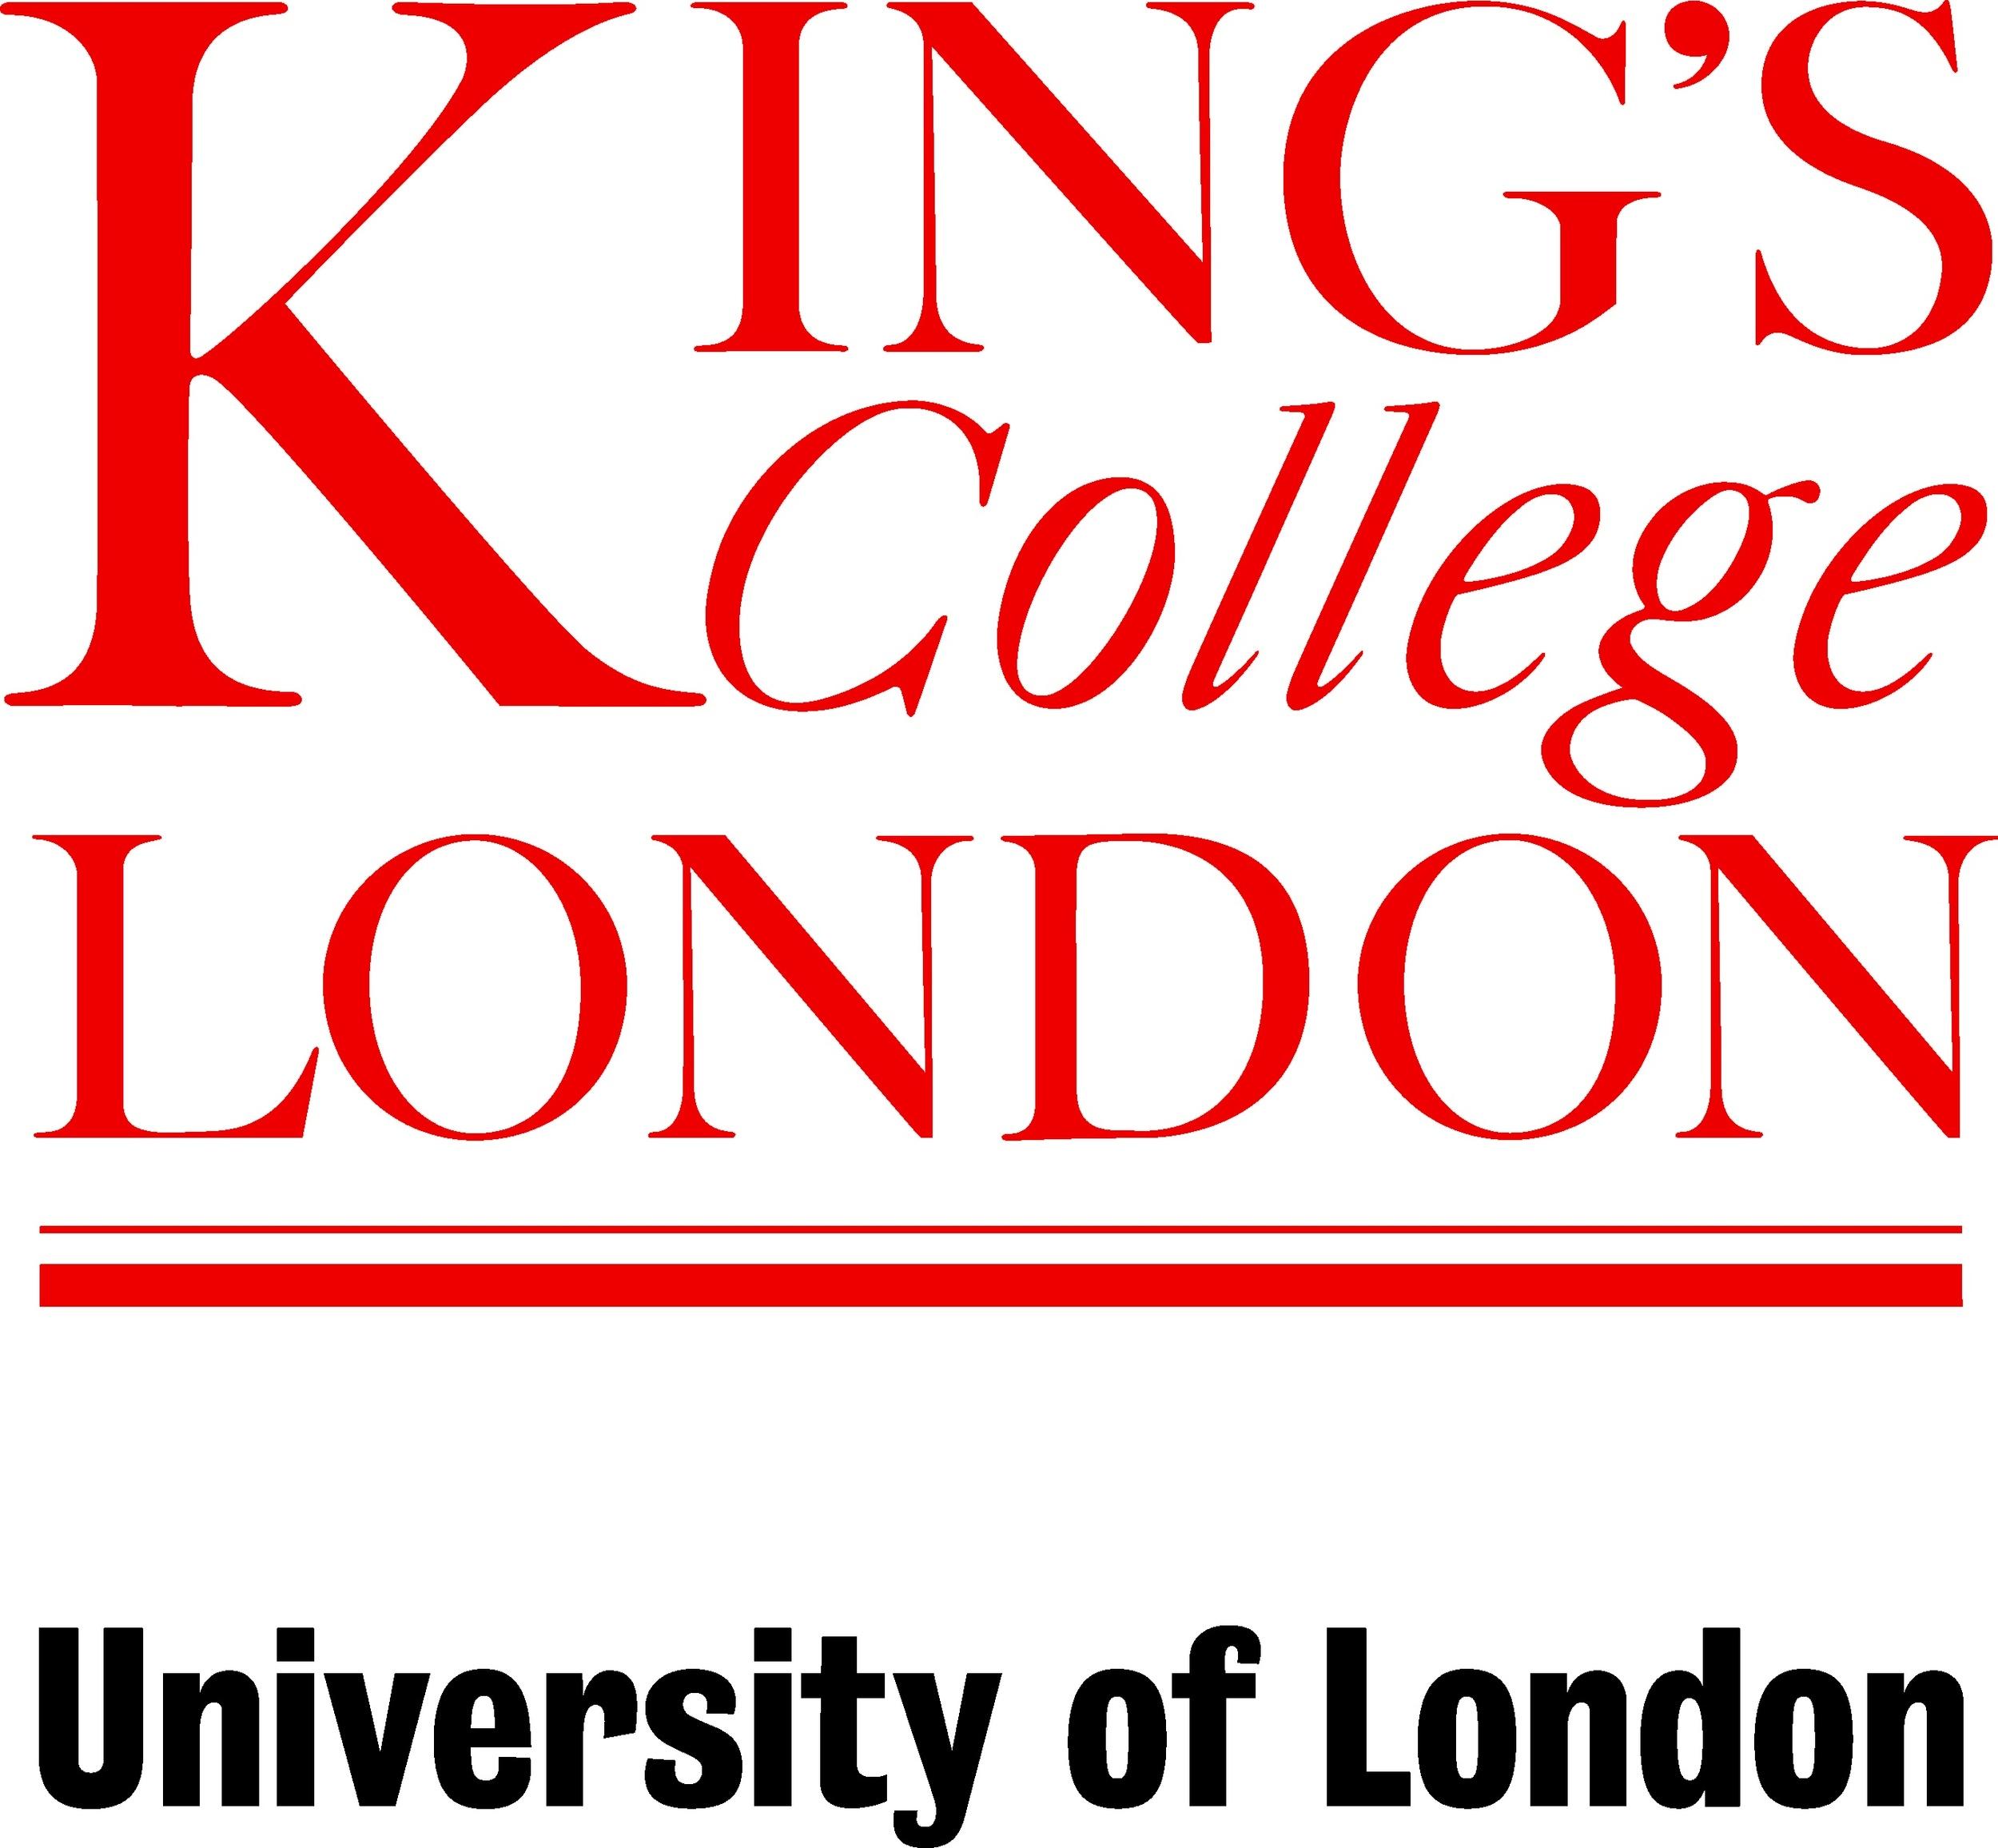 Kings-College-London.jpg